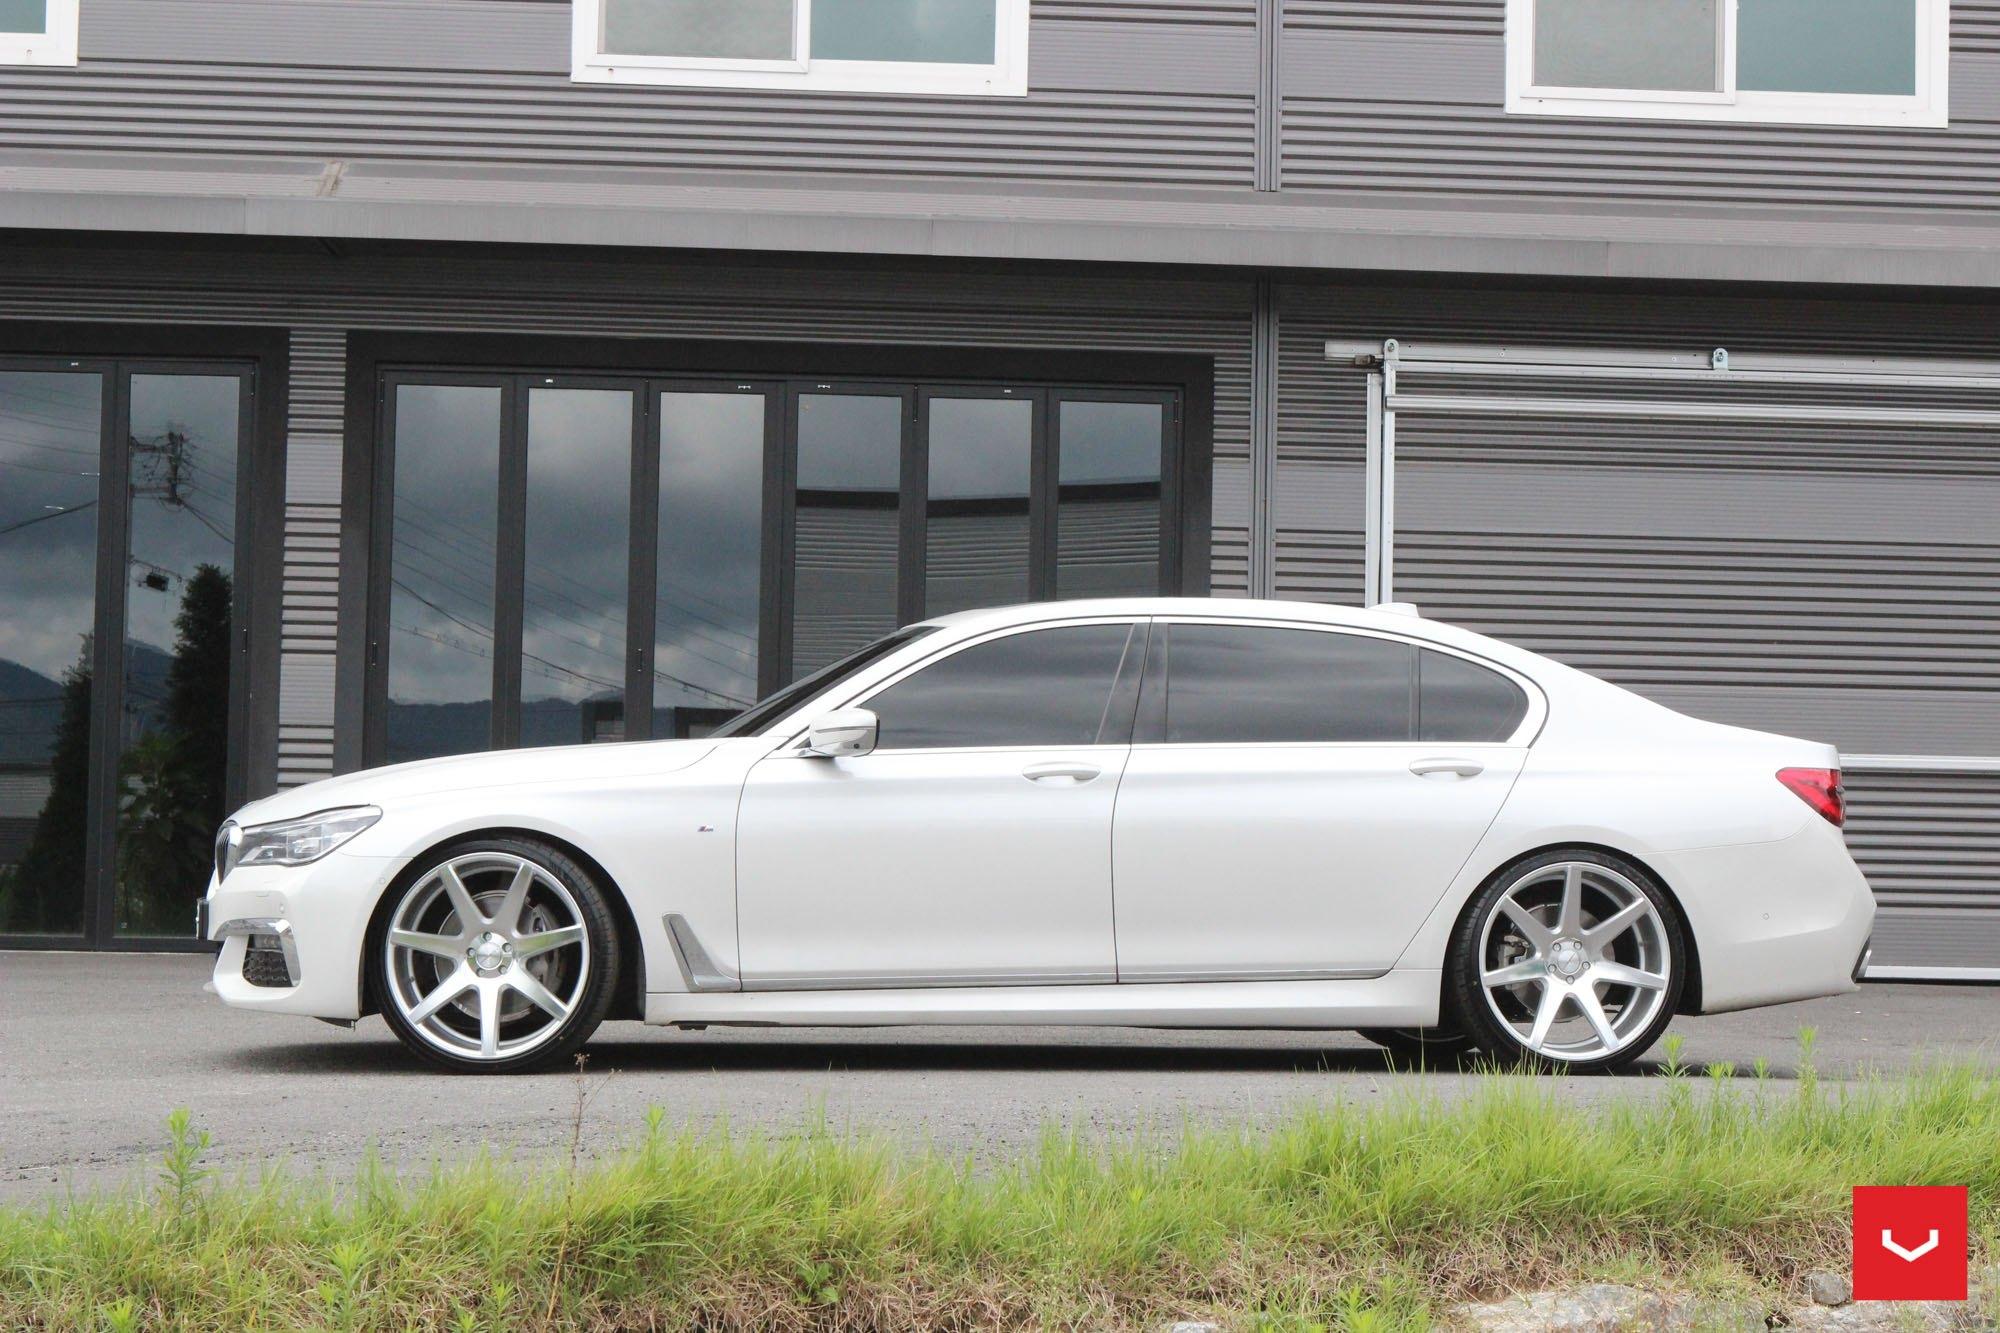 Chrome Bodyside Moldings On White BMW 7 Series